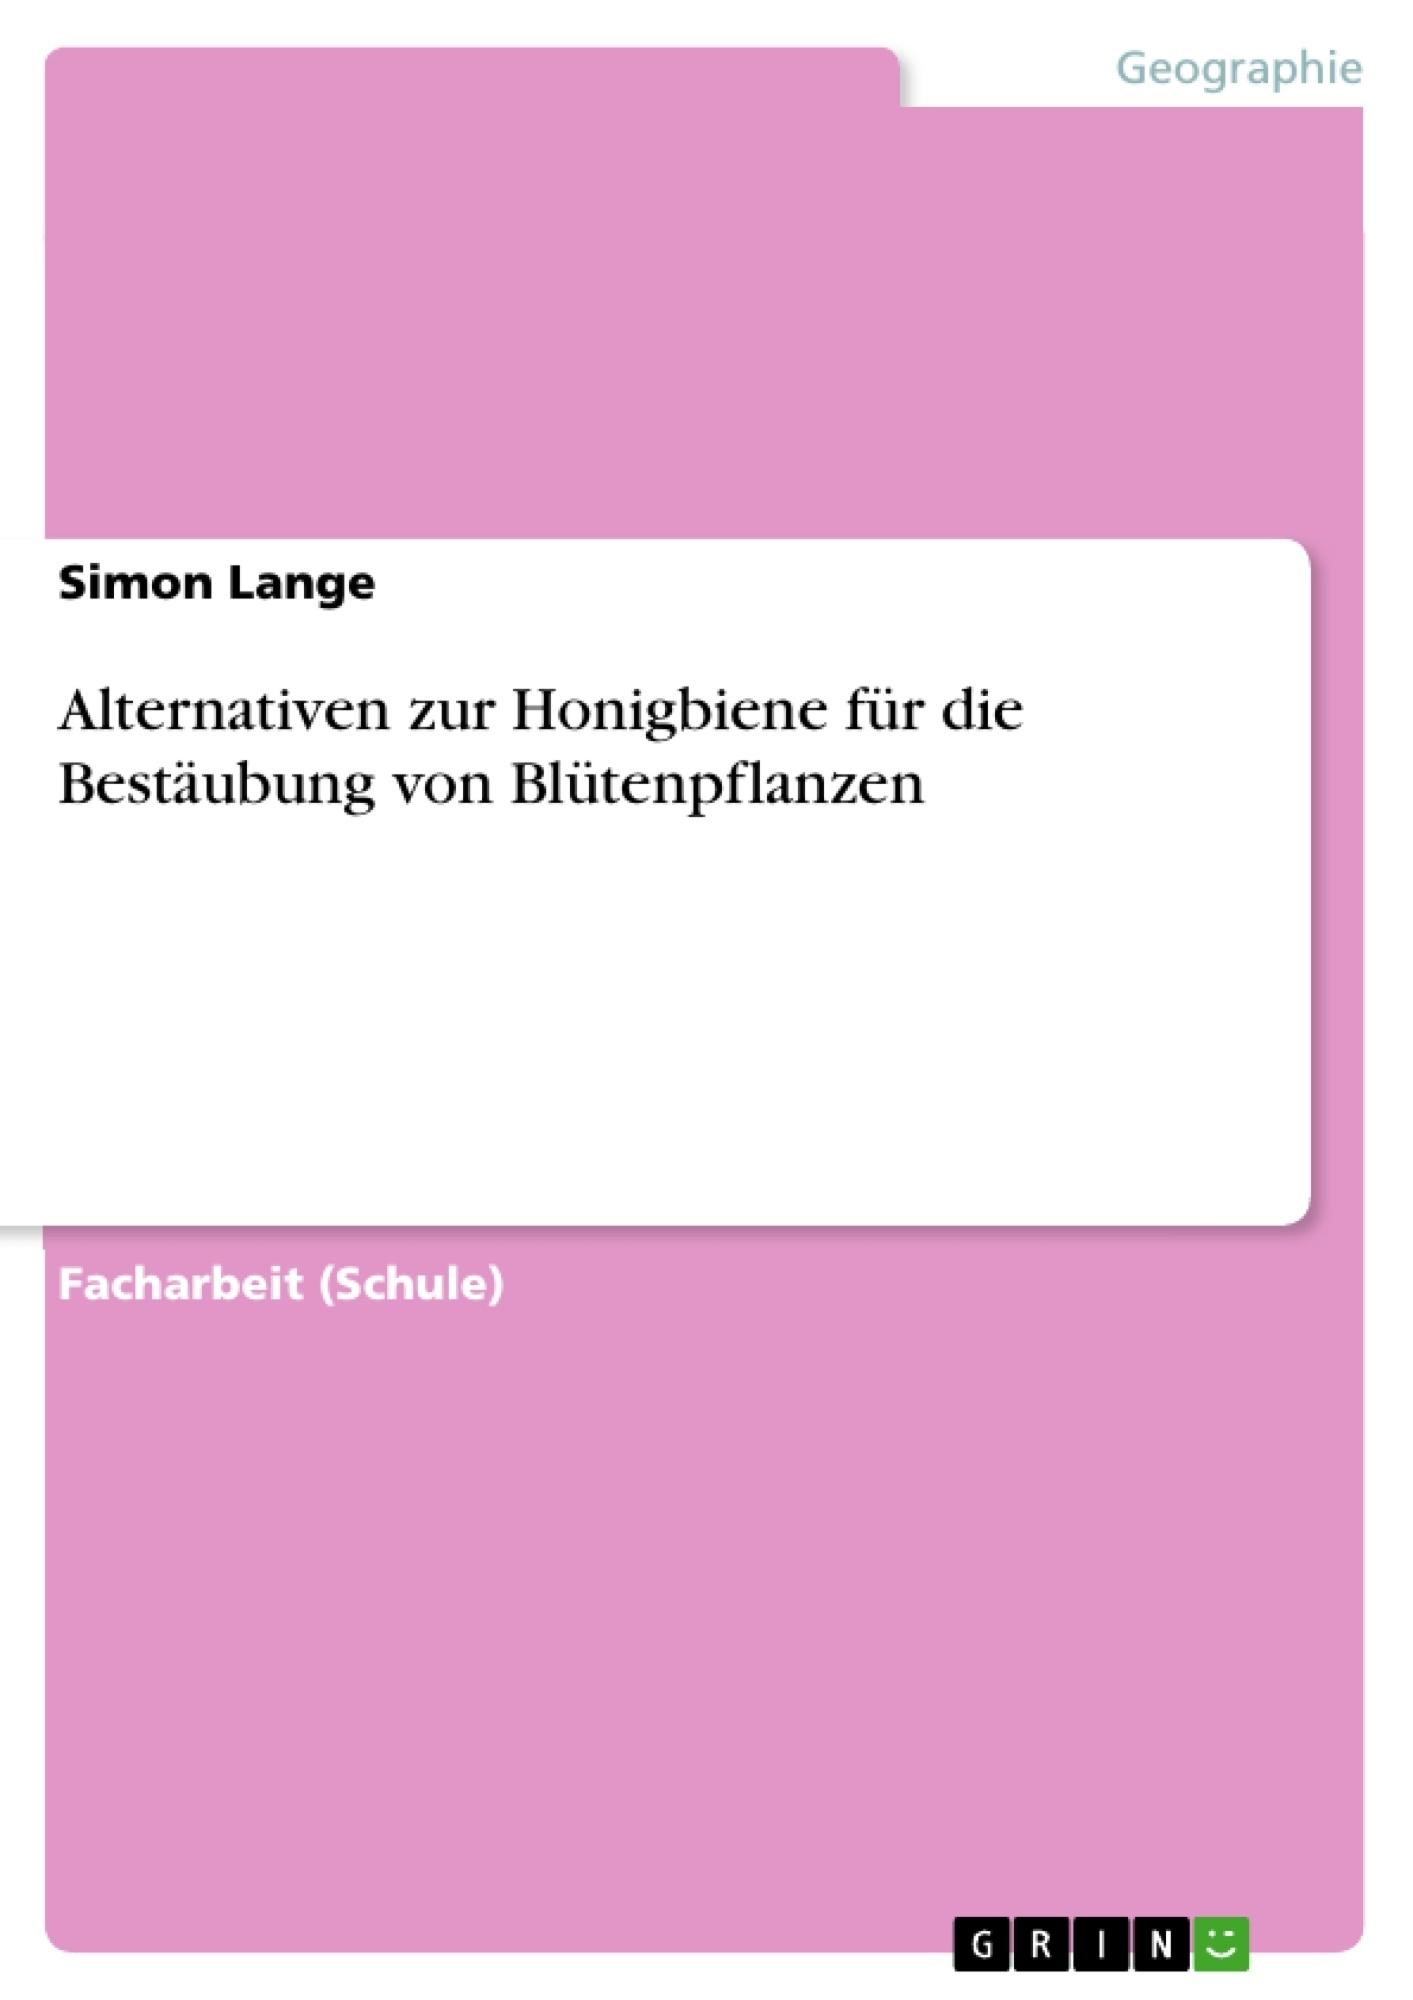 Titel: Alternativen zur Honigbiene für die Bestäubung von Blütenpflanzen